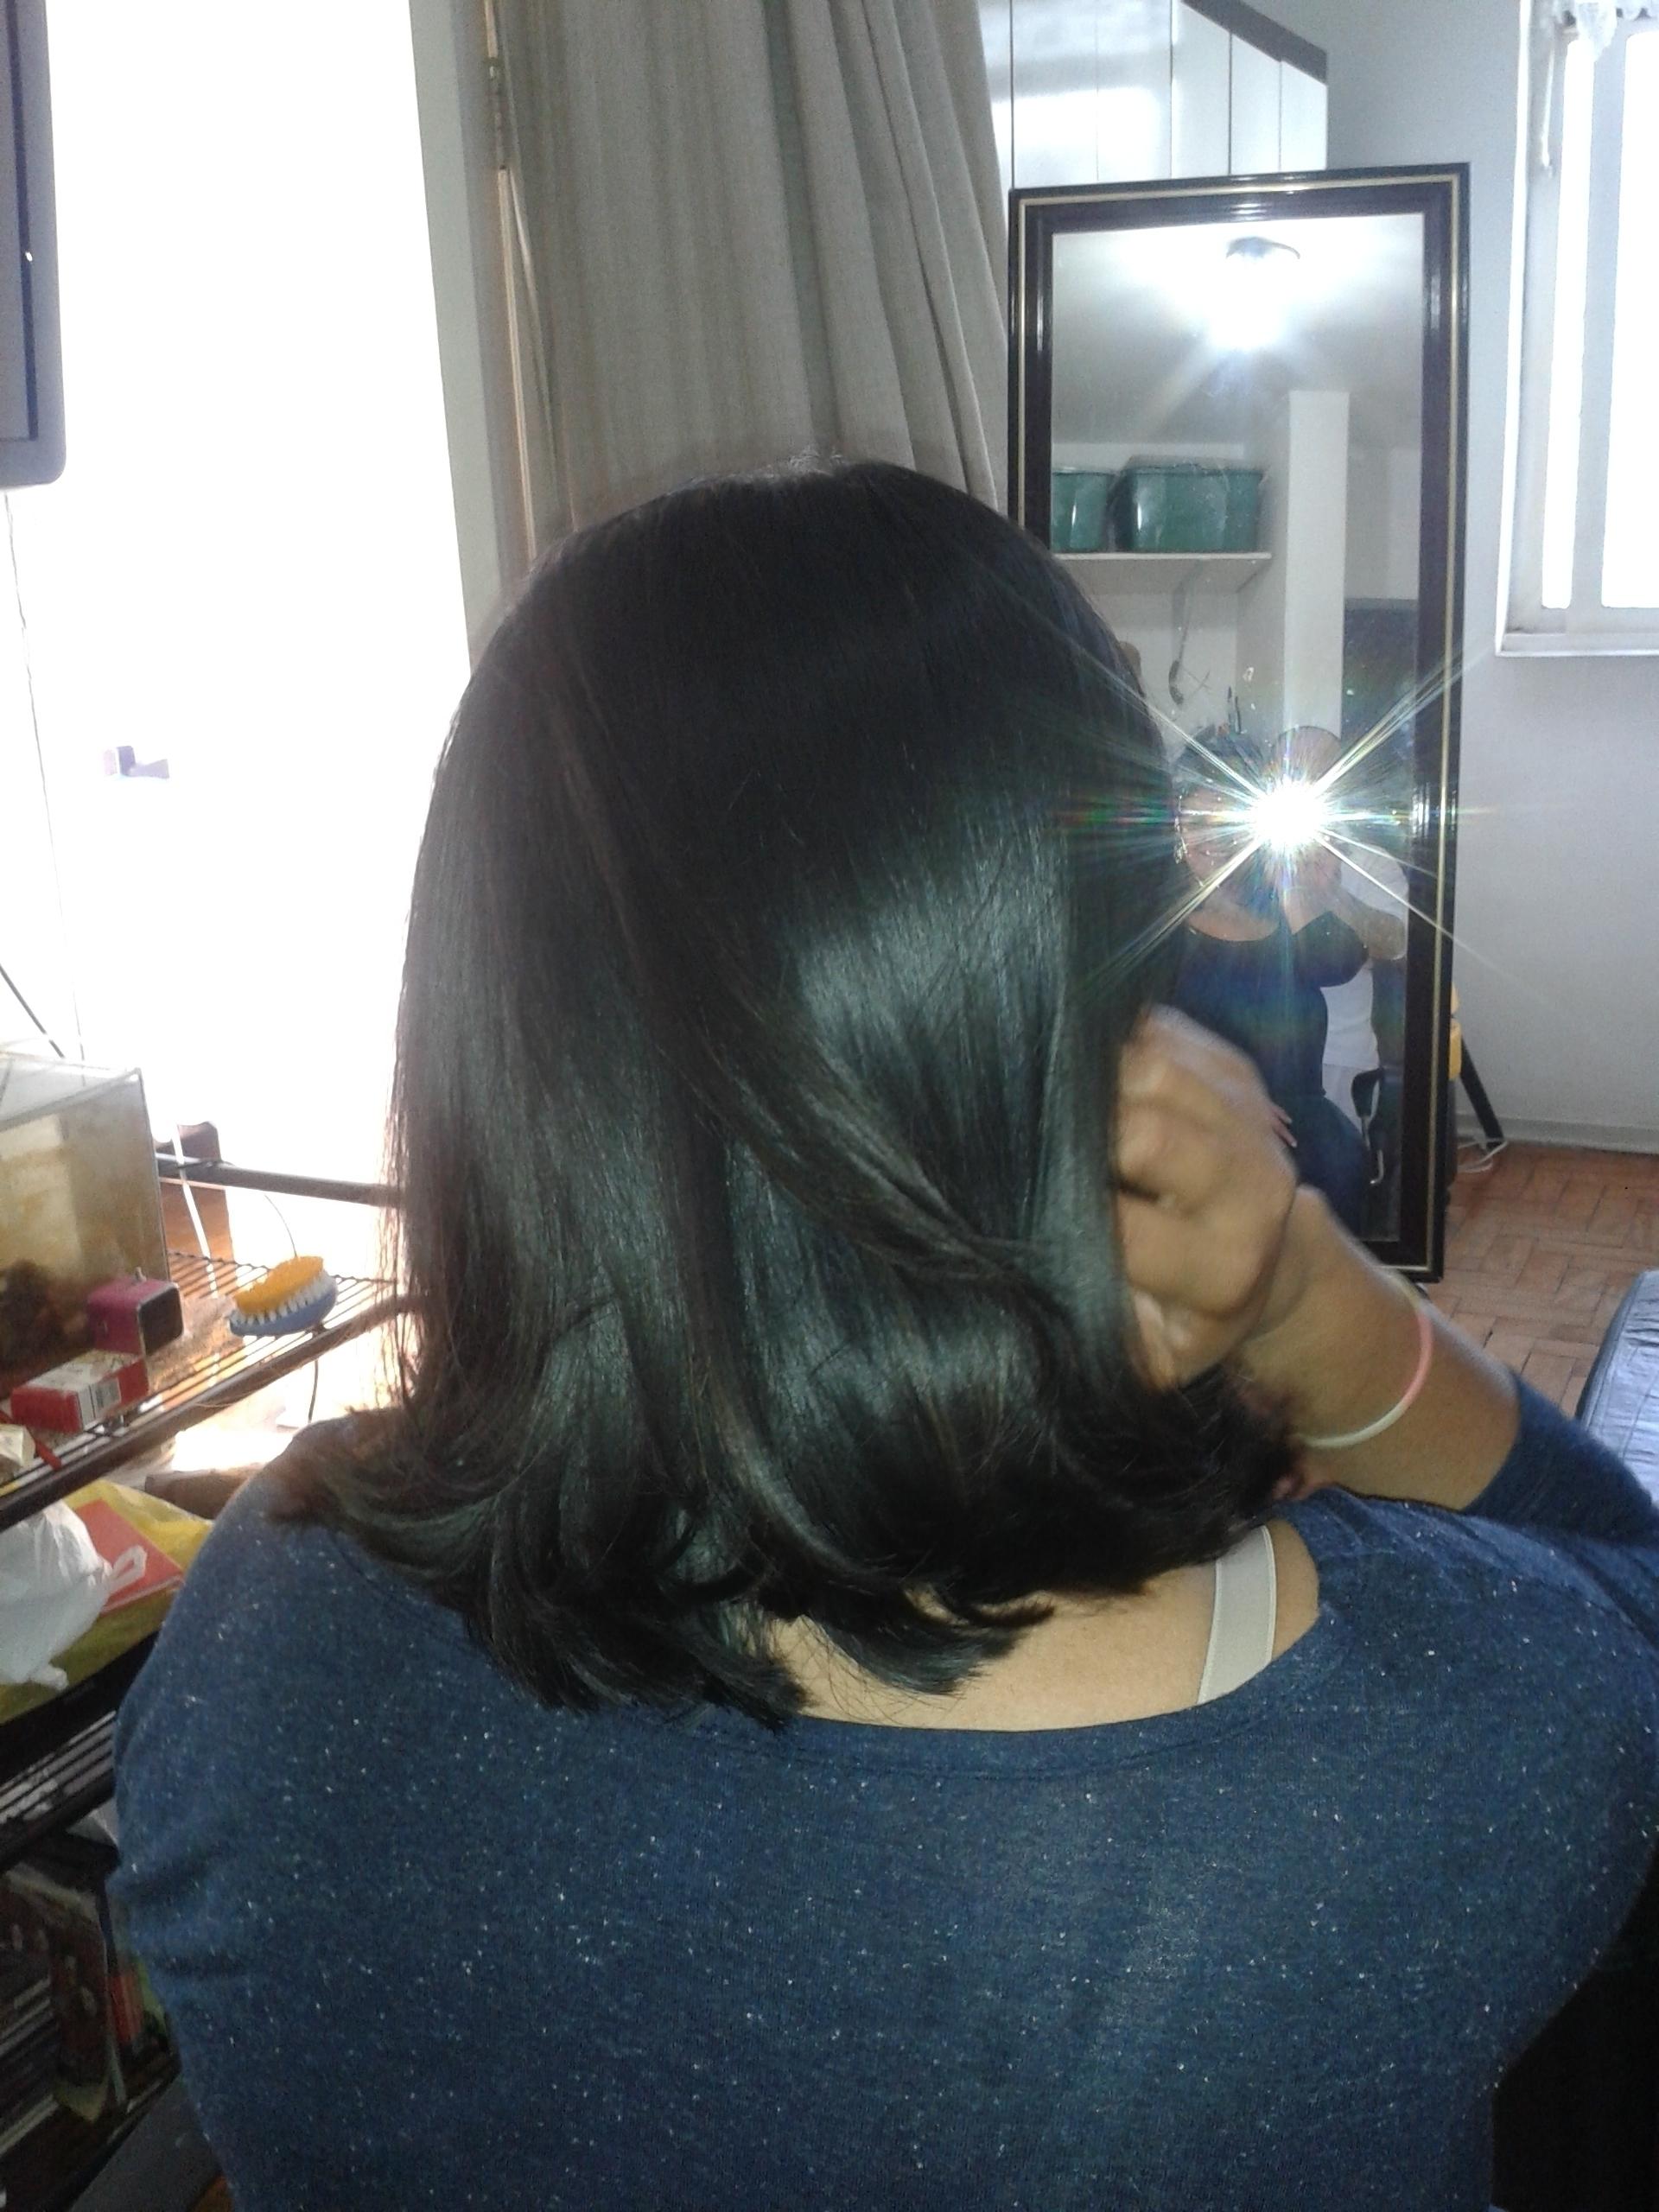 Medio assimetrico Medio levemente assimétrico p/direita com pontas desconctadas  cabeleireiro(a) barbeiro(a) maquiador(a) designer de sobrancelhas depilador(a)